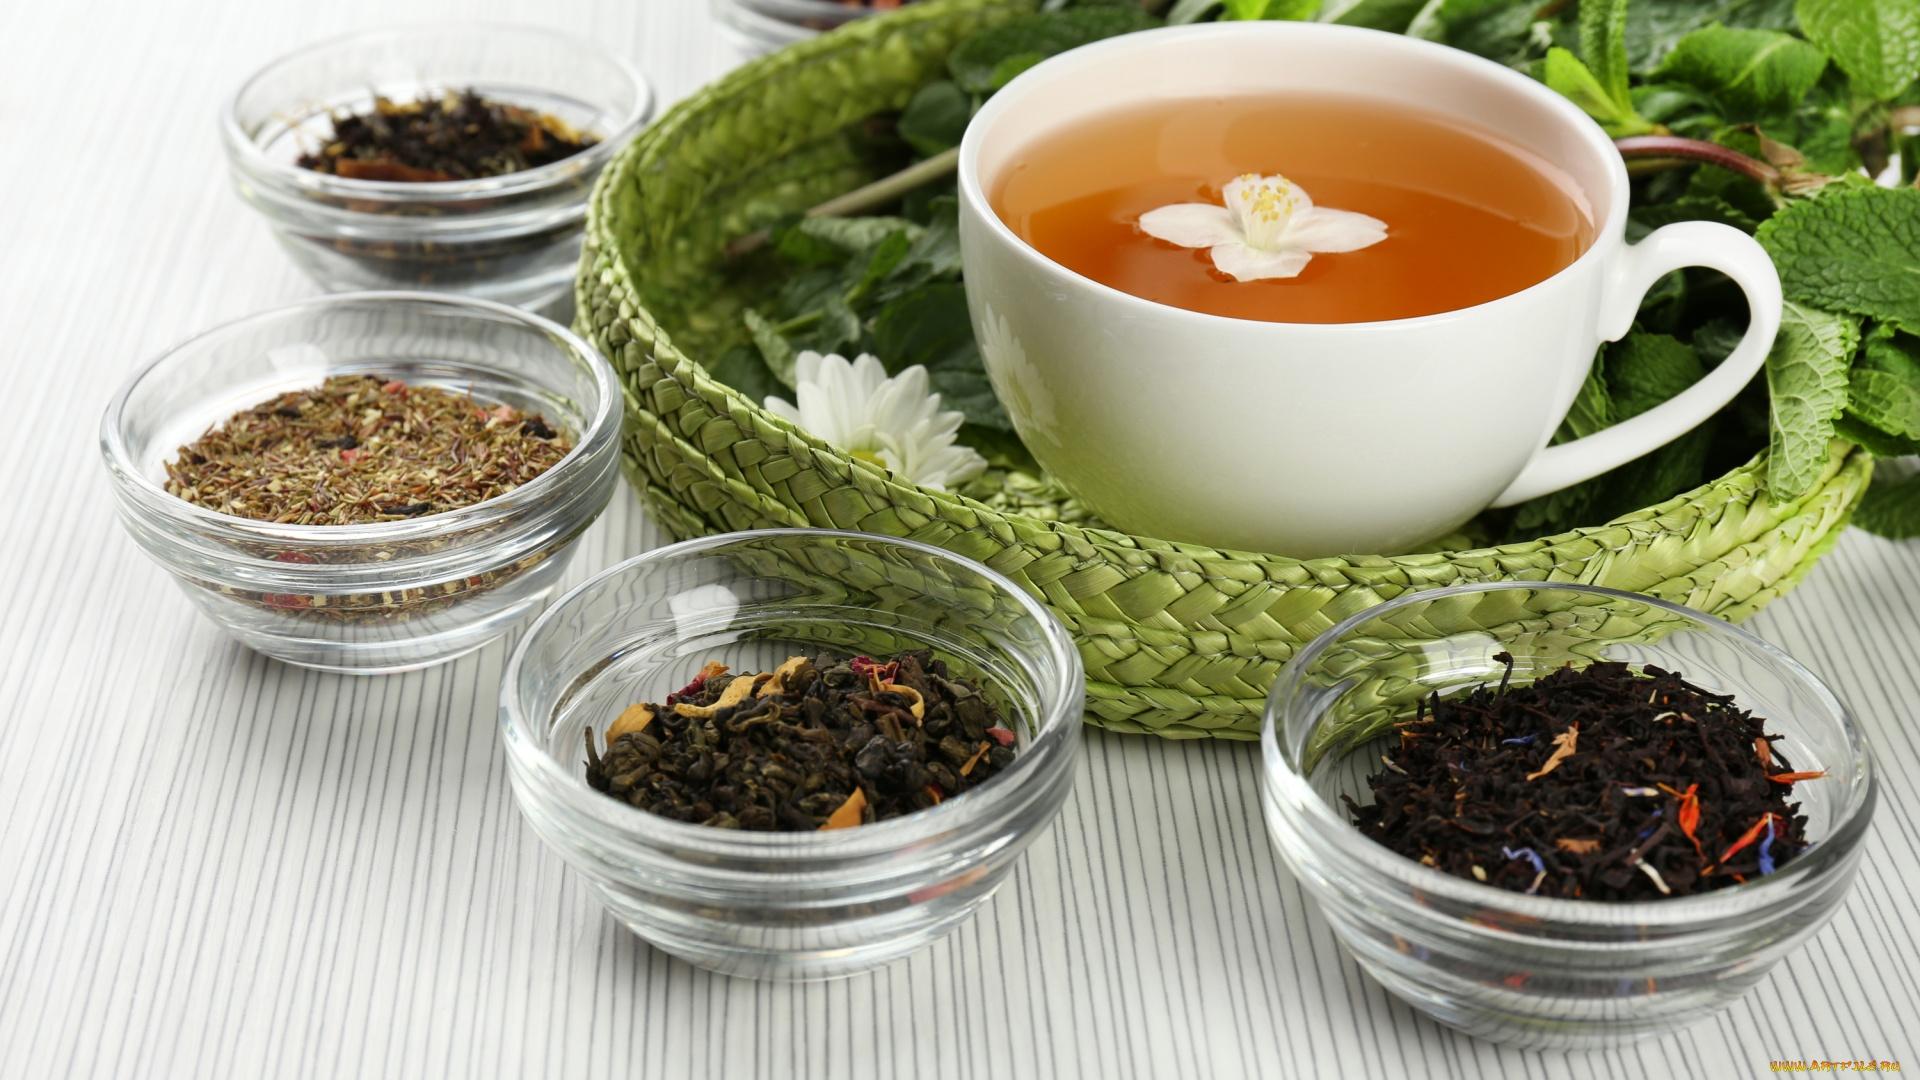 Сколько калорий в чае?